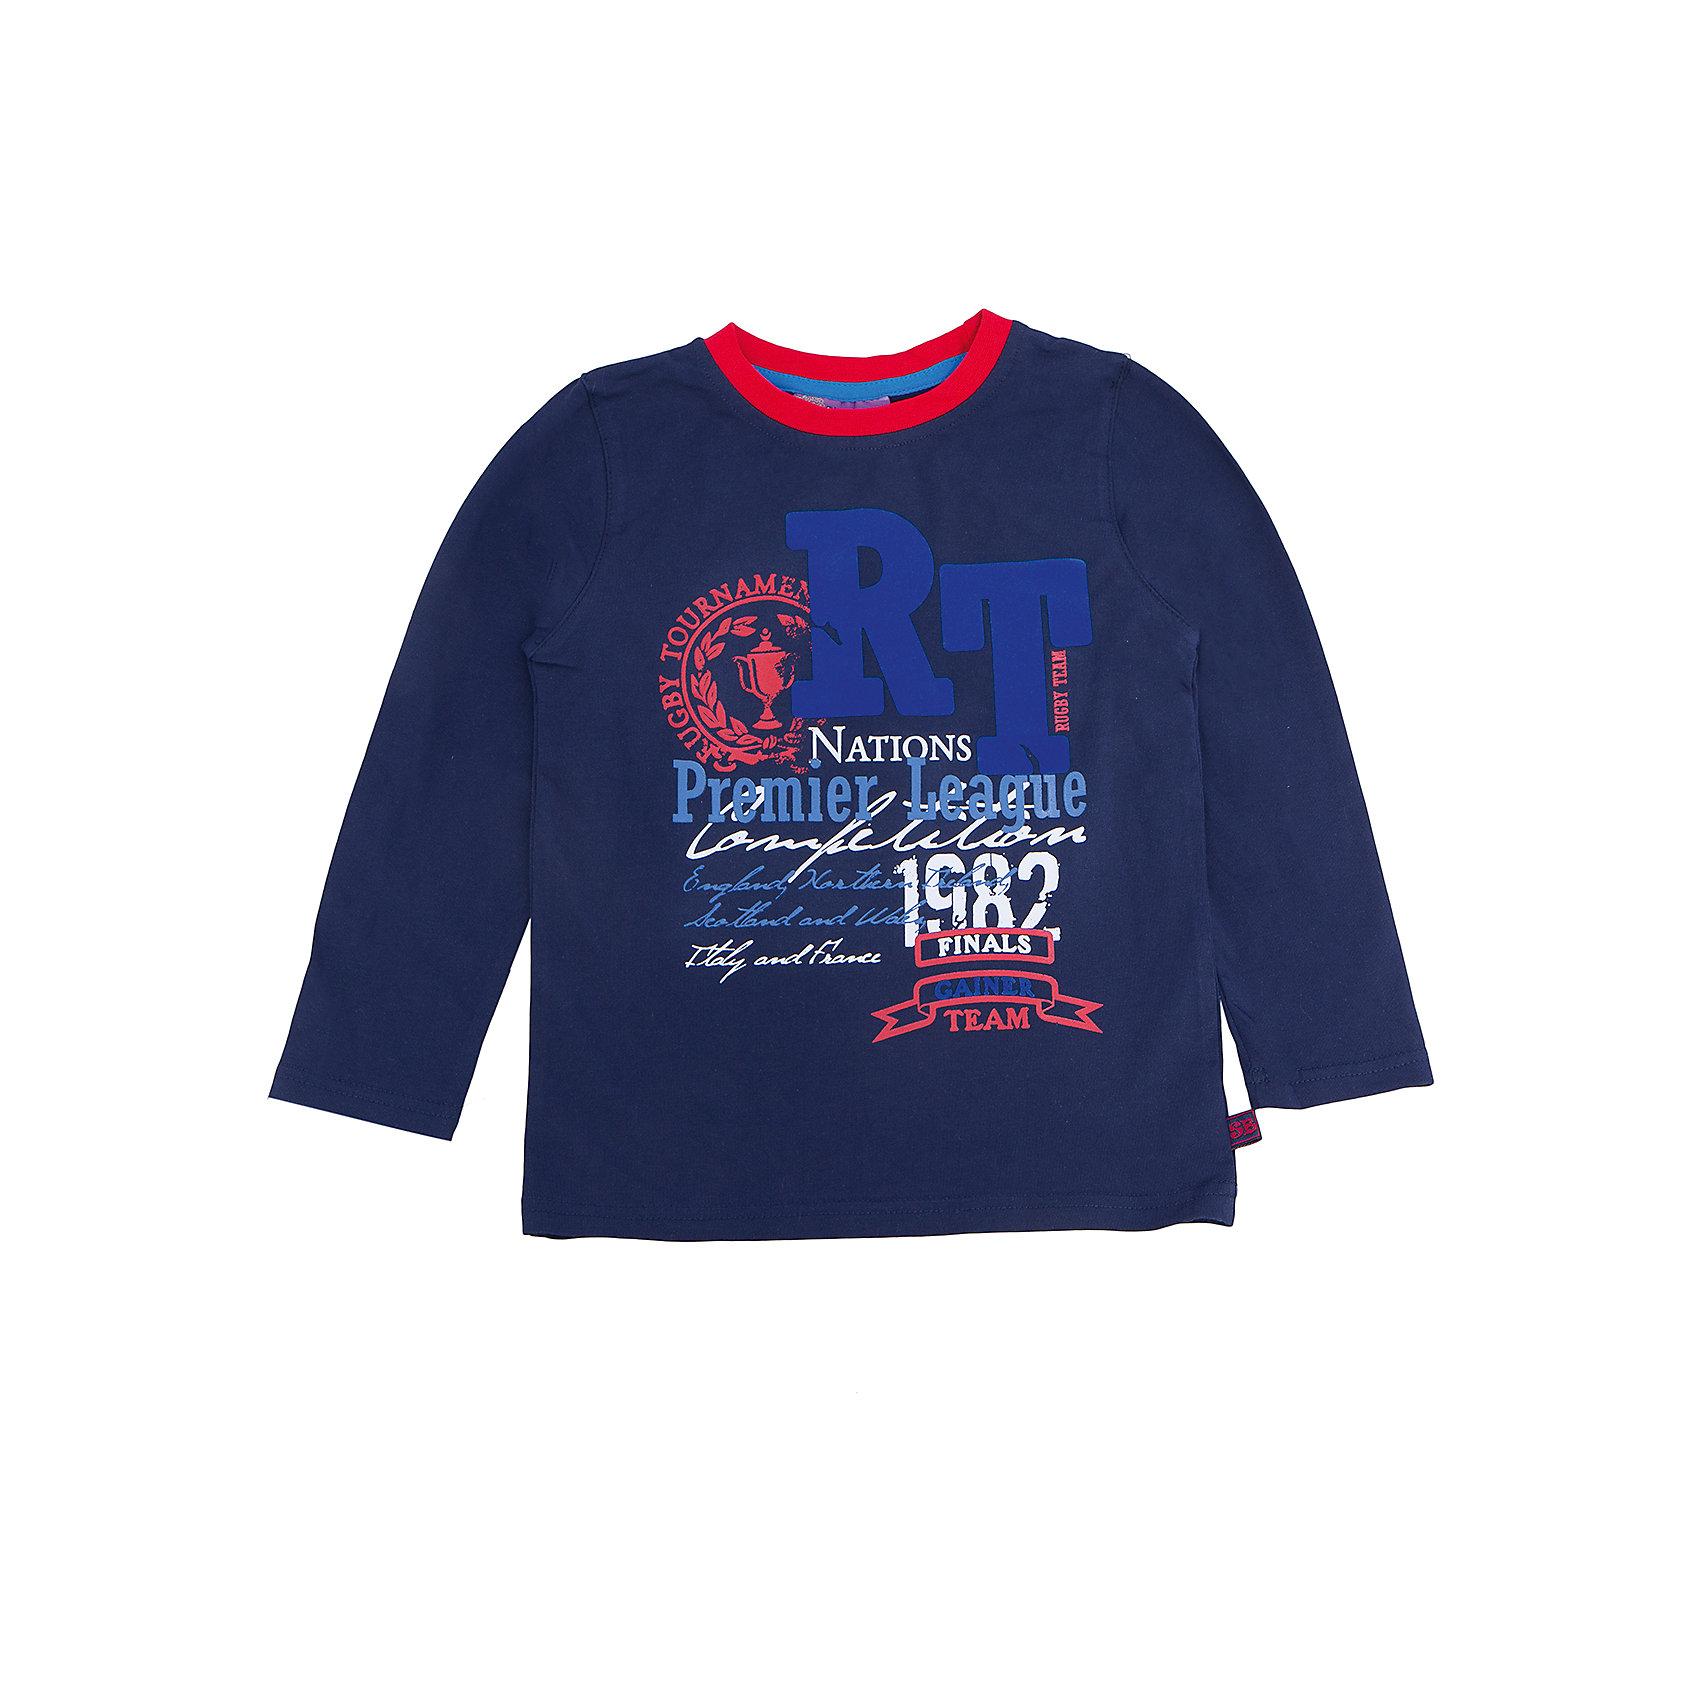 Футболка с длинным рукавом для мальчика Sweet BerryФутболки с длинным рукавом<br>Такая футболка с длинным рукавом для мальчика отличается модным дизайном с ярким принтом. Удачный крой обеспечит ребенку комфорт и тепло. Горловина изделия обработана мягкой резинкой, поэтому вещь плотно прилегает к телу там, где нужно, и отлично сидит по фигуре.<br>Одежда от бренда Sweet Berry - это простой и выгодный способ одеть ребенка удобно и стильно. Всё изделия тщательно проработаны: швы - прочные, материал - качественный, фурнитура - подобранная специально для детей. <br><br>Дополнительная информация:<br><br>цвет: синий;<br>материал: 95% хлопок, 5% эластан;<br>декорирована принтом.<br><br>Футболку с длинным рукавом для мальчика от бренда Sweet Berry можно купить в нашем интернет-магазине.<br><br>Ширина мм: 230<br>Глубина мм: 40<br>Высота мм: 220<br>Вес г: 250<br>Цвет: синий<br>Возраст от месяцев: 24<br>Возраст до месяцев: 36<br>Пол: Мужской<br>Возраст: Детский<br>Размер: 98,104,110,116,122,128<br>SKU: 4930599